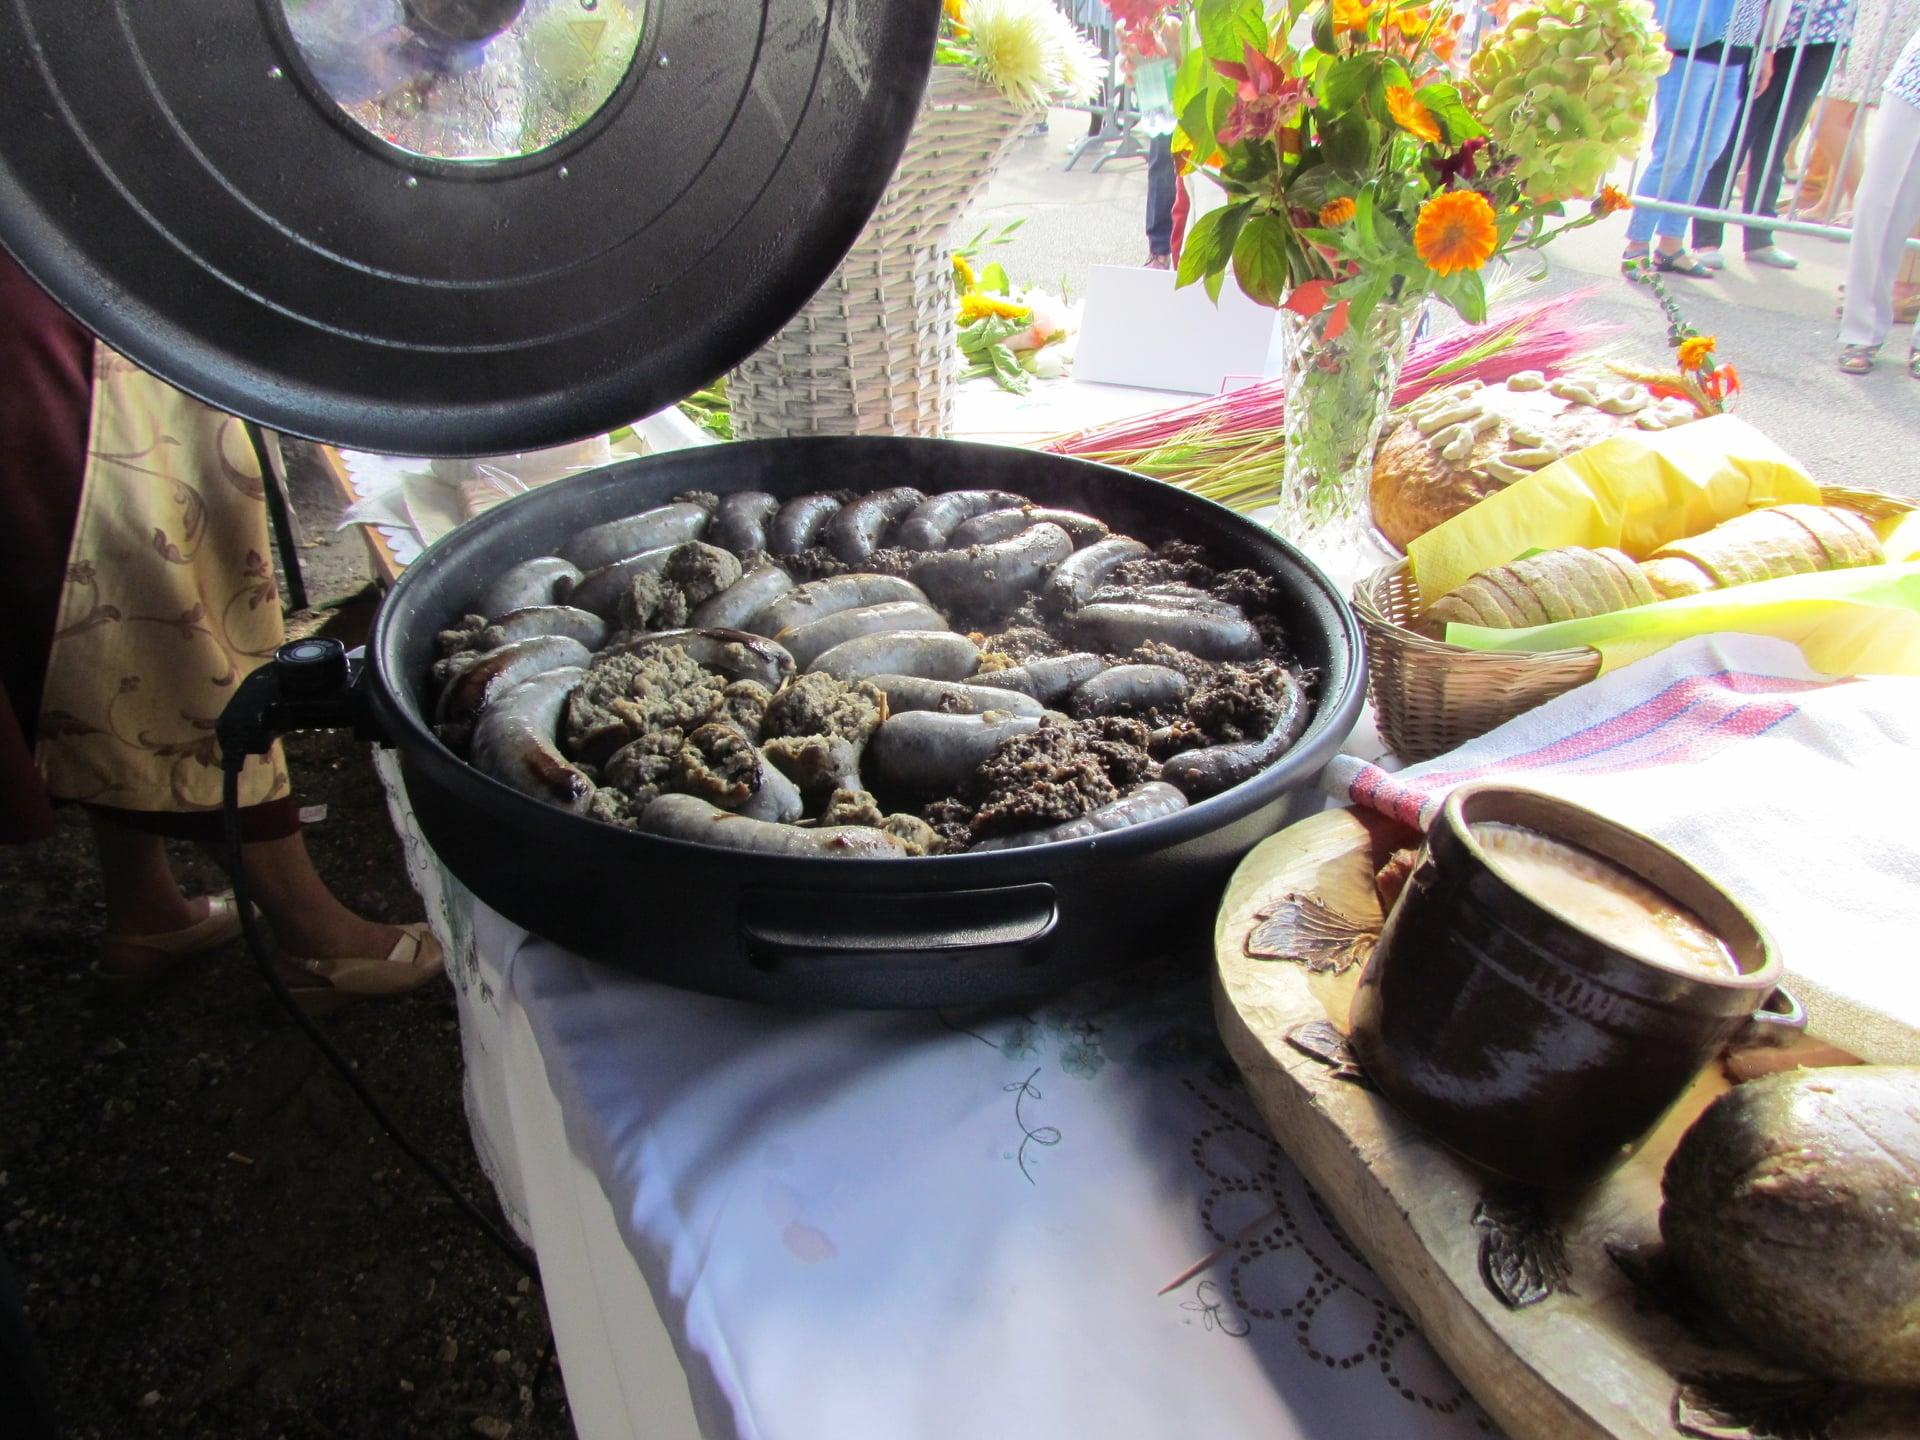 zdjęcie przedstawiające stoiska z potrawami